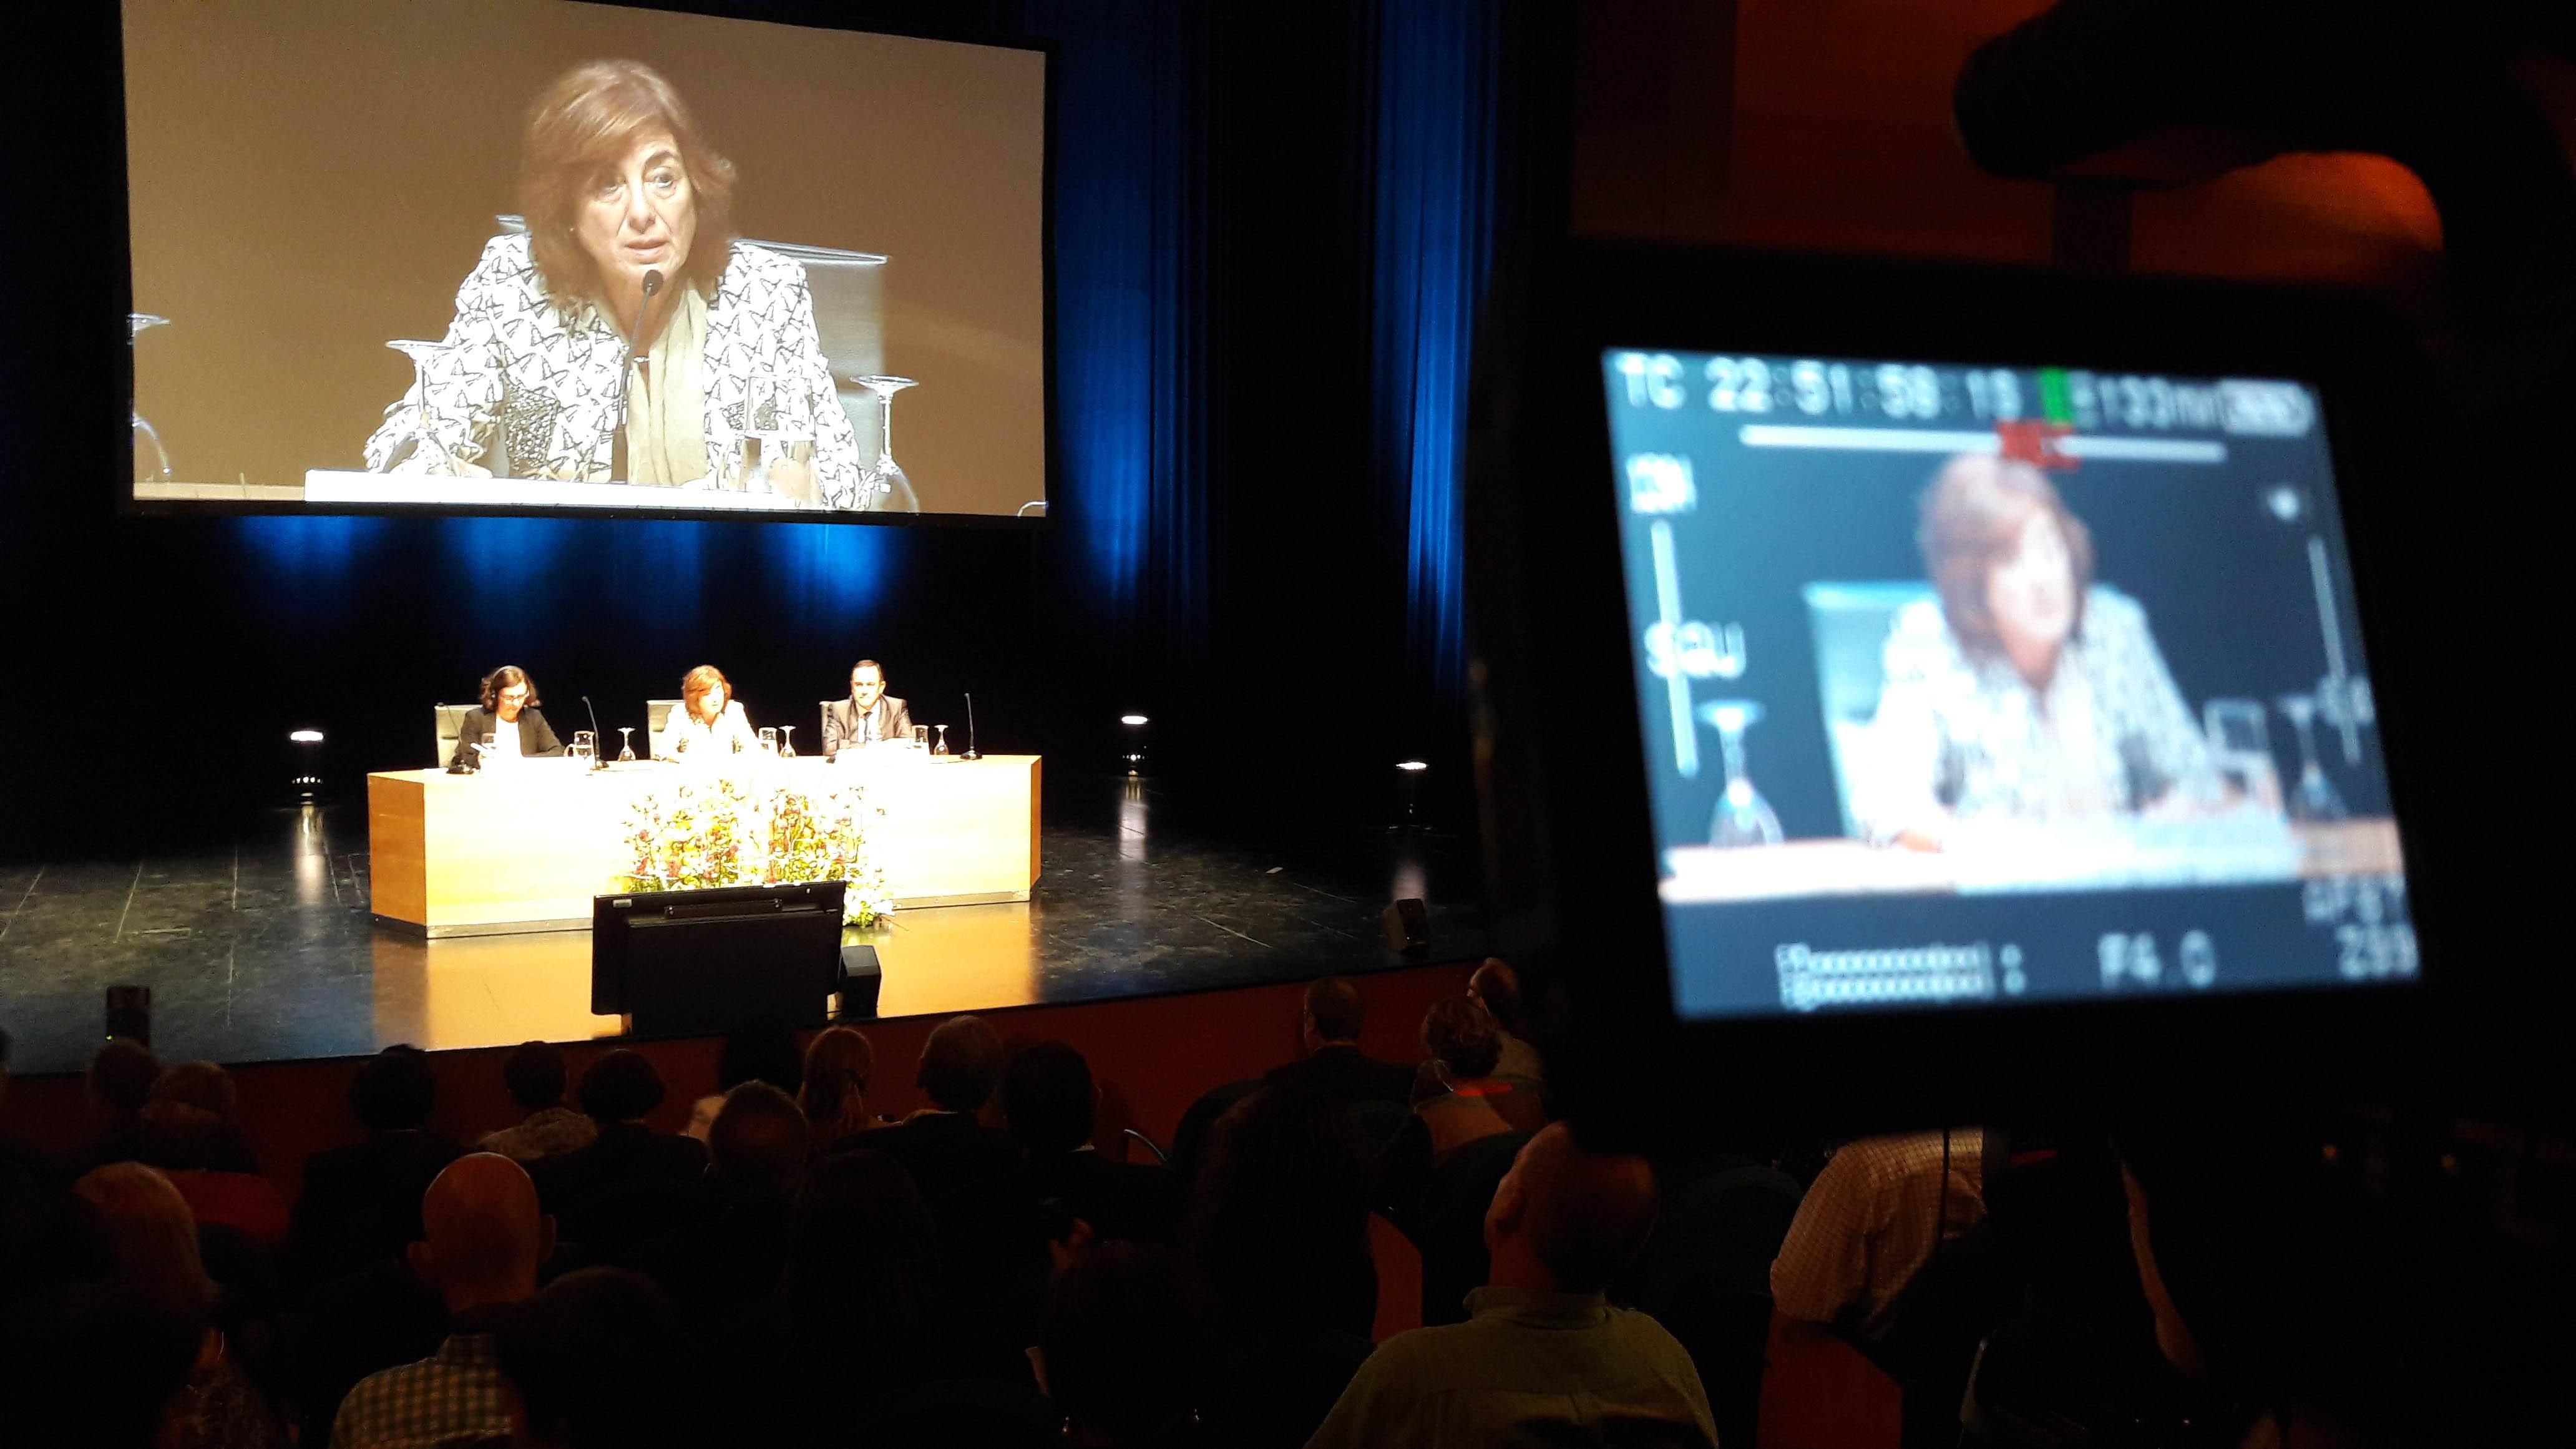 Jornadas Internacionales de Formación Profesional en San Sebastián